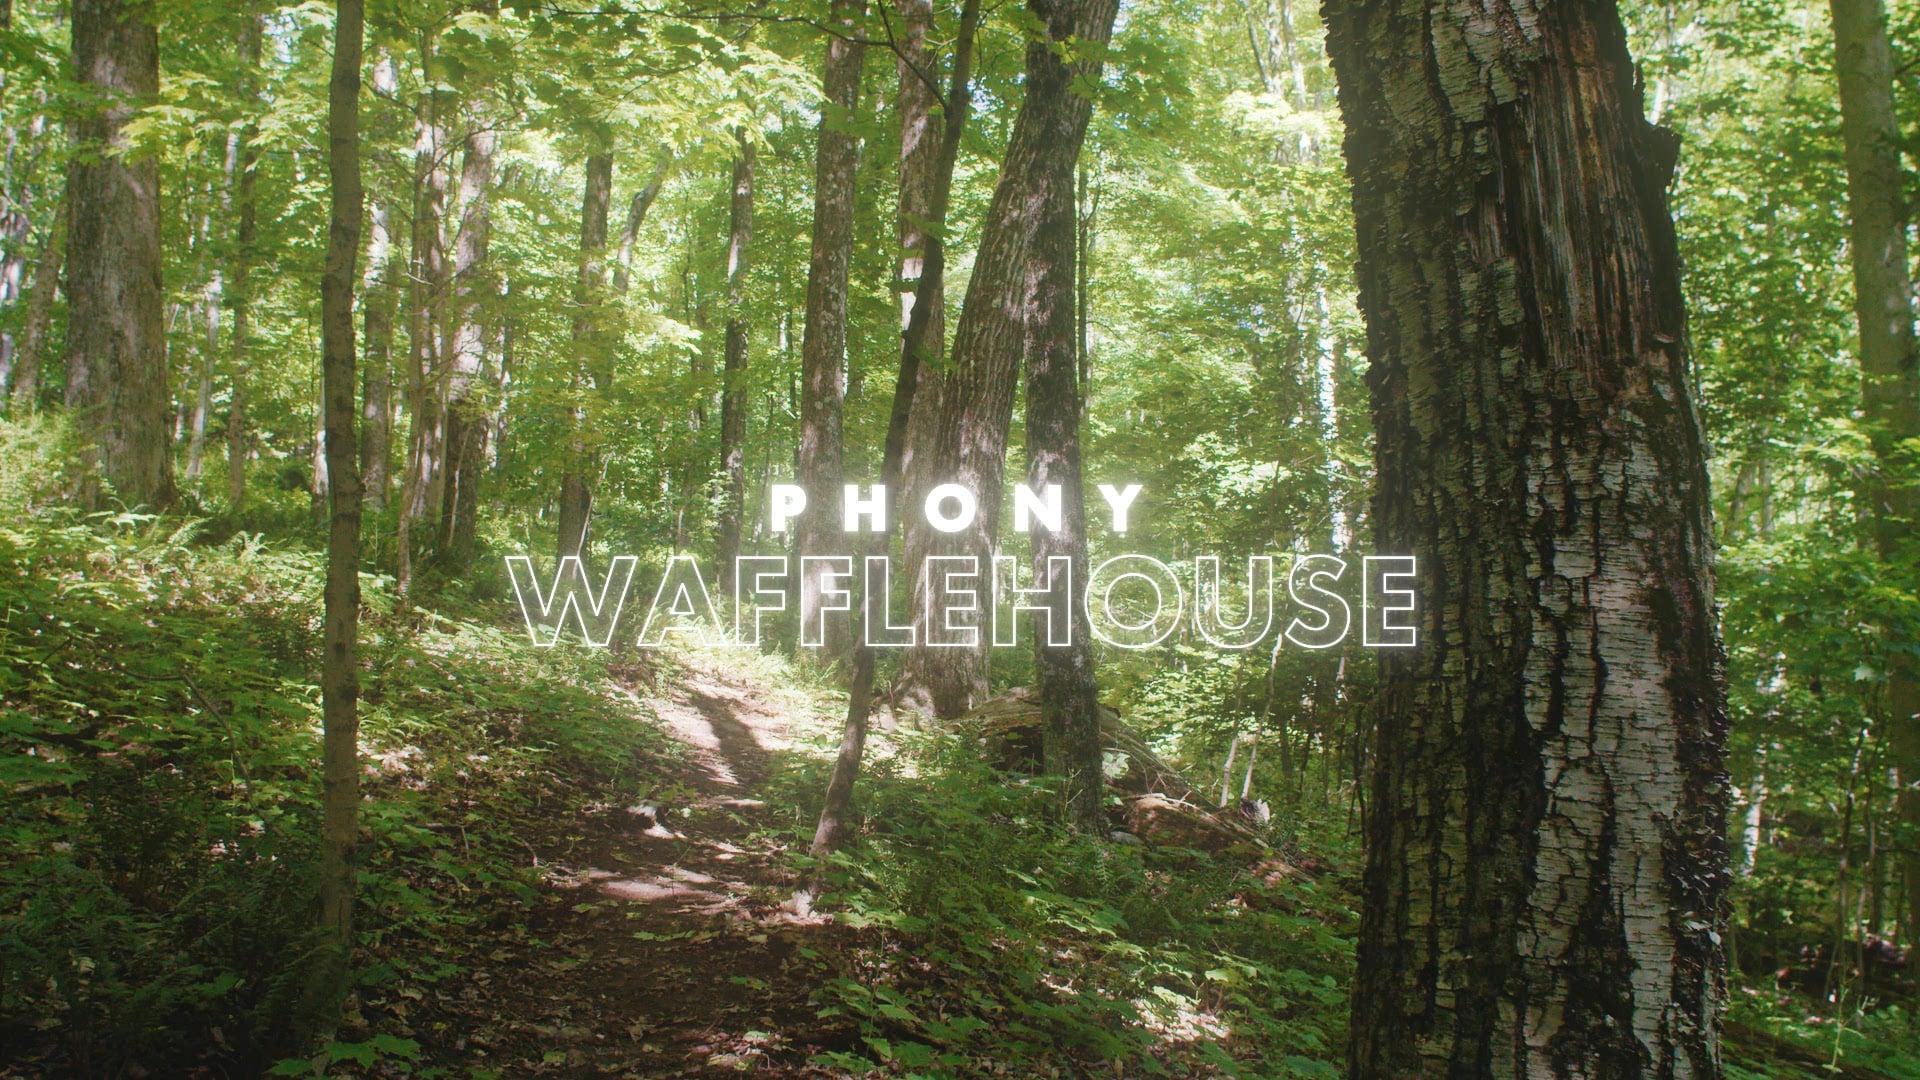 PHONY - WAFFLEHOUSE